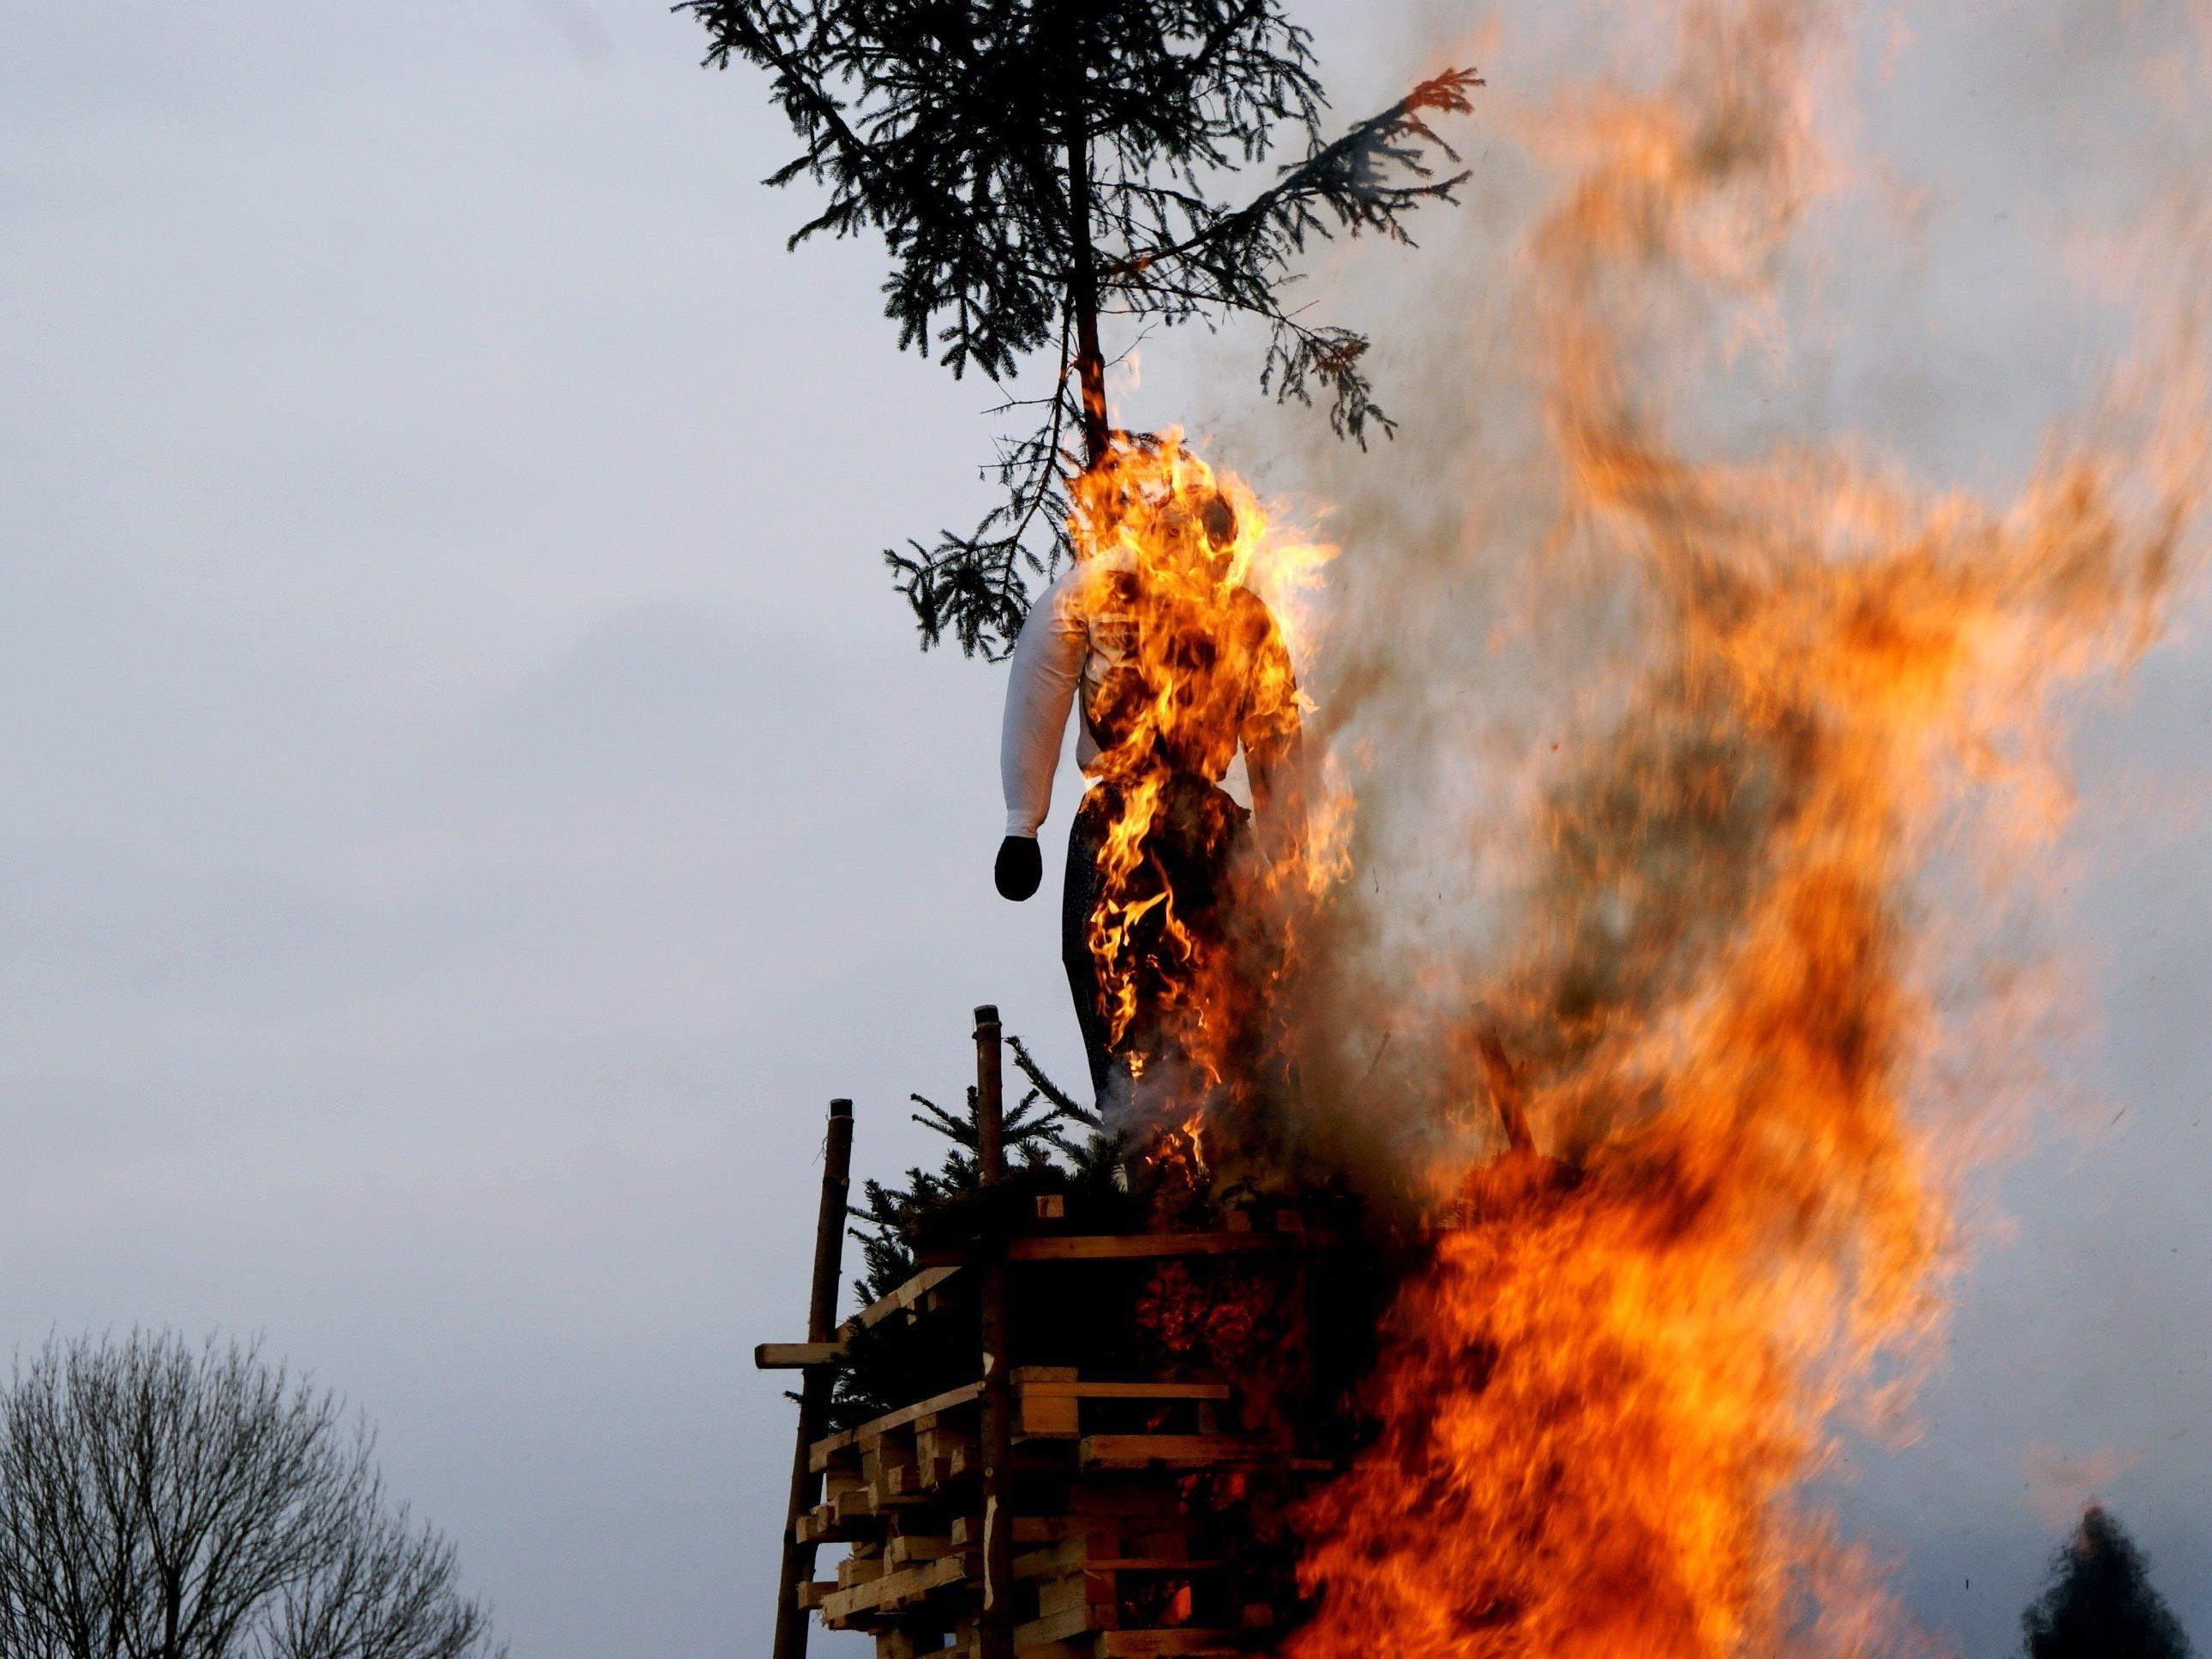 Die lodernden Flammen stiegen in den Himmel